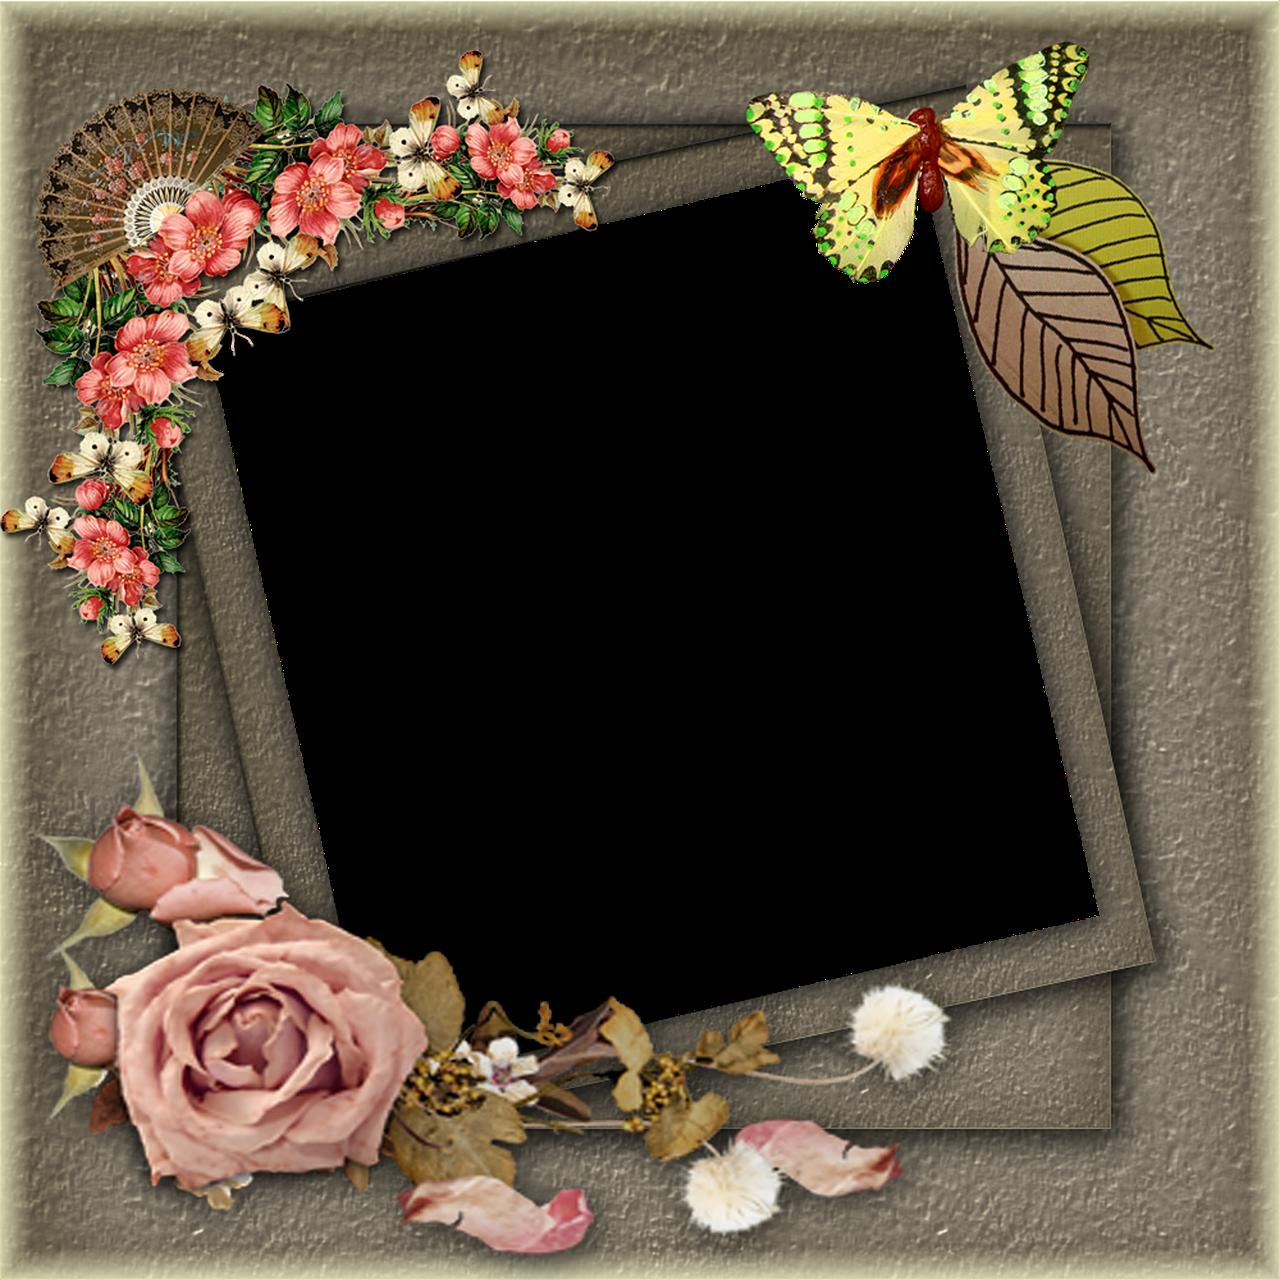 Frame khung ảnh chân dung